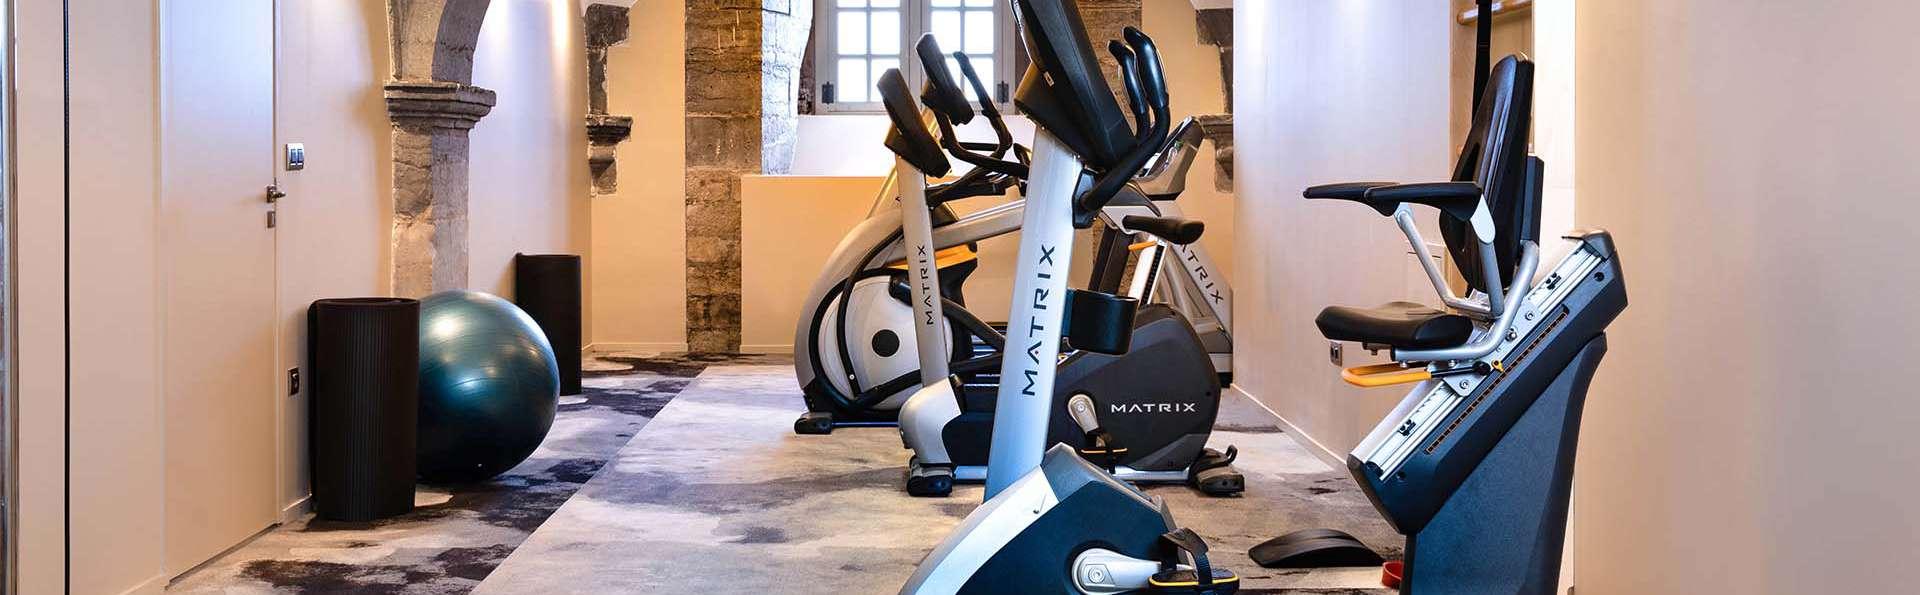 Royal Hainaut Spa & Resort Hotel - EDIT_Fitness_Spa_Royal_Hainaut_BD_01.jpg